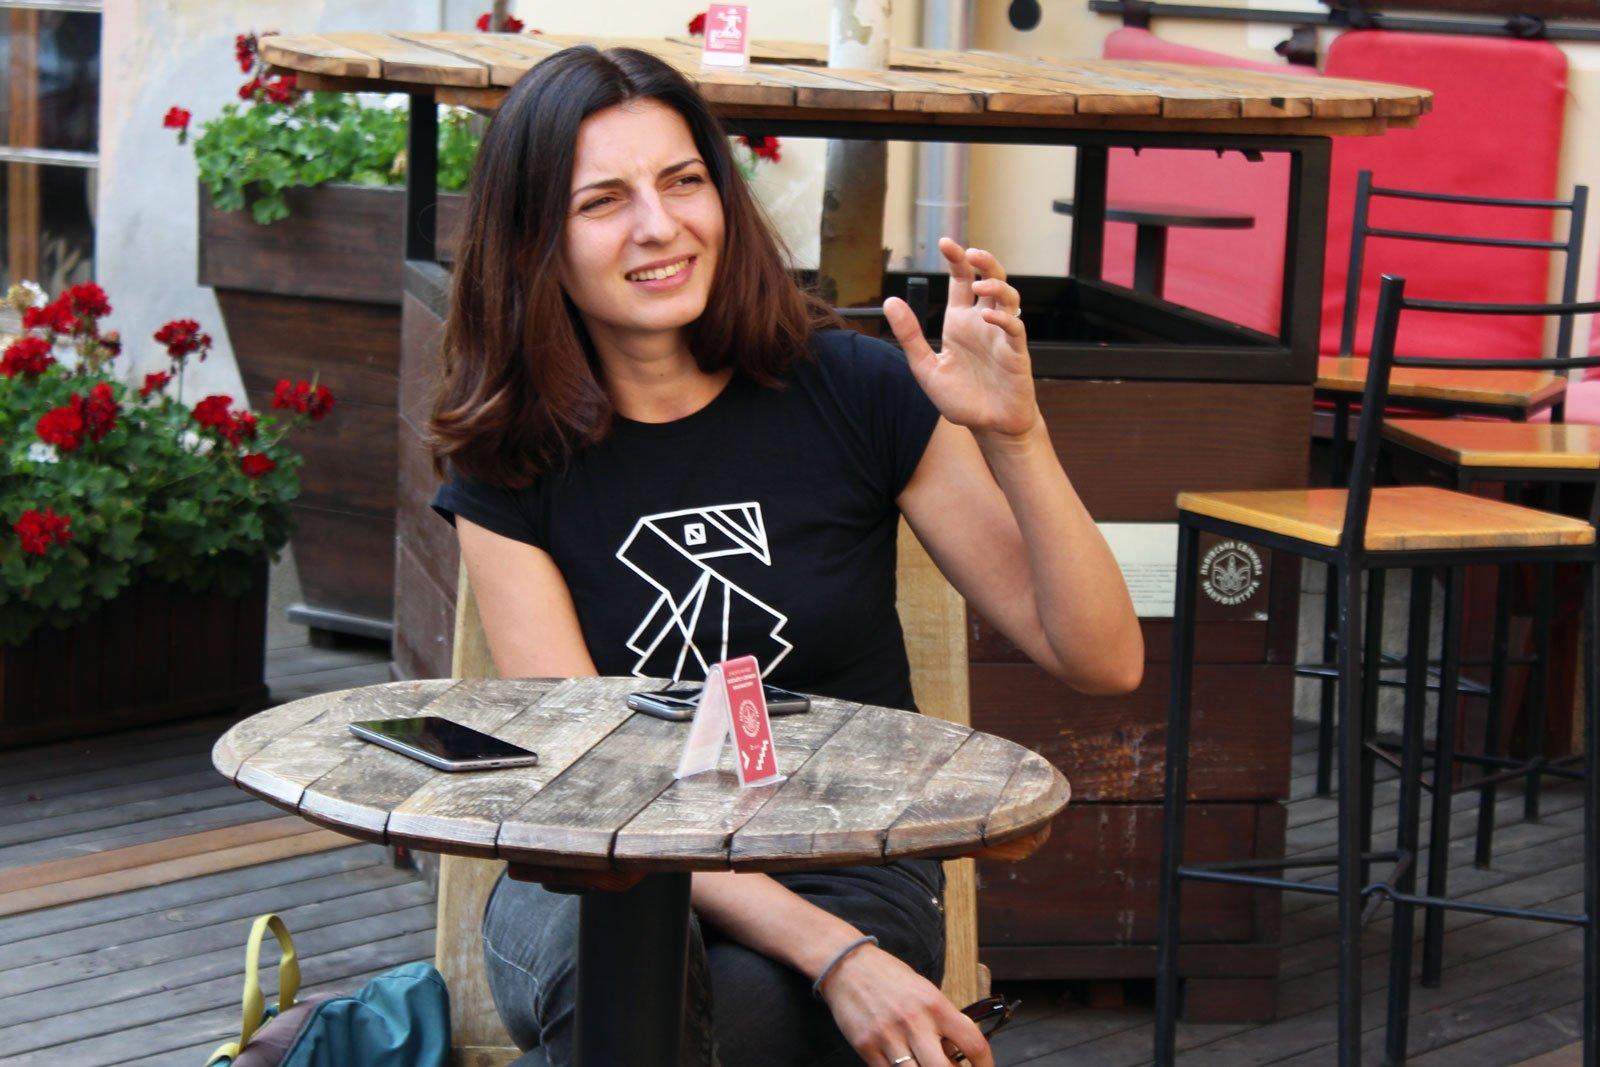 «Я хотіла свій бізнес і вирішила, що треба рухатися вперед», — Марта Турецька